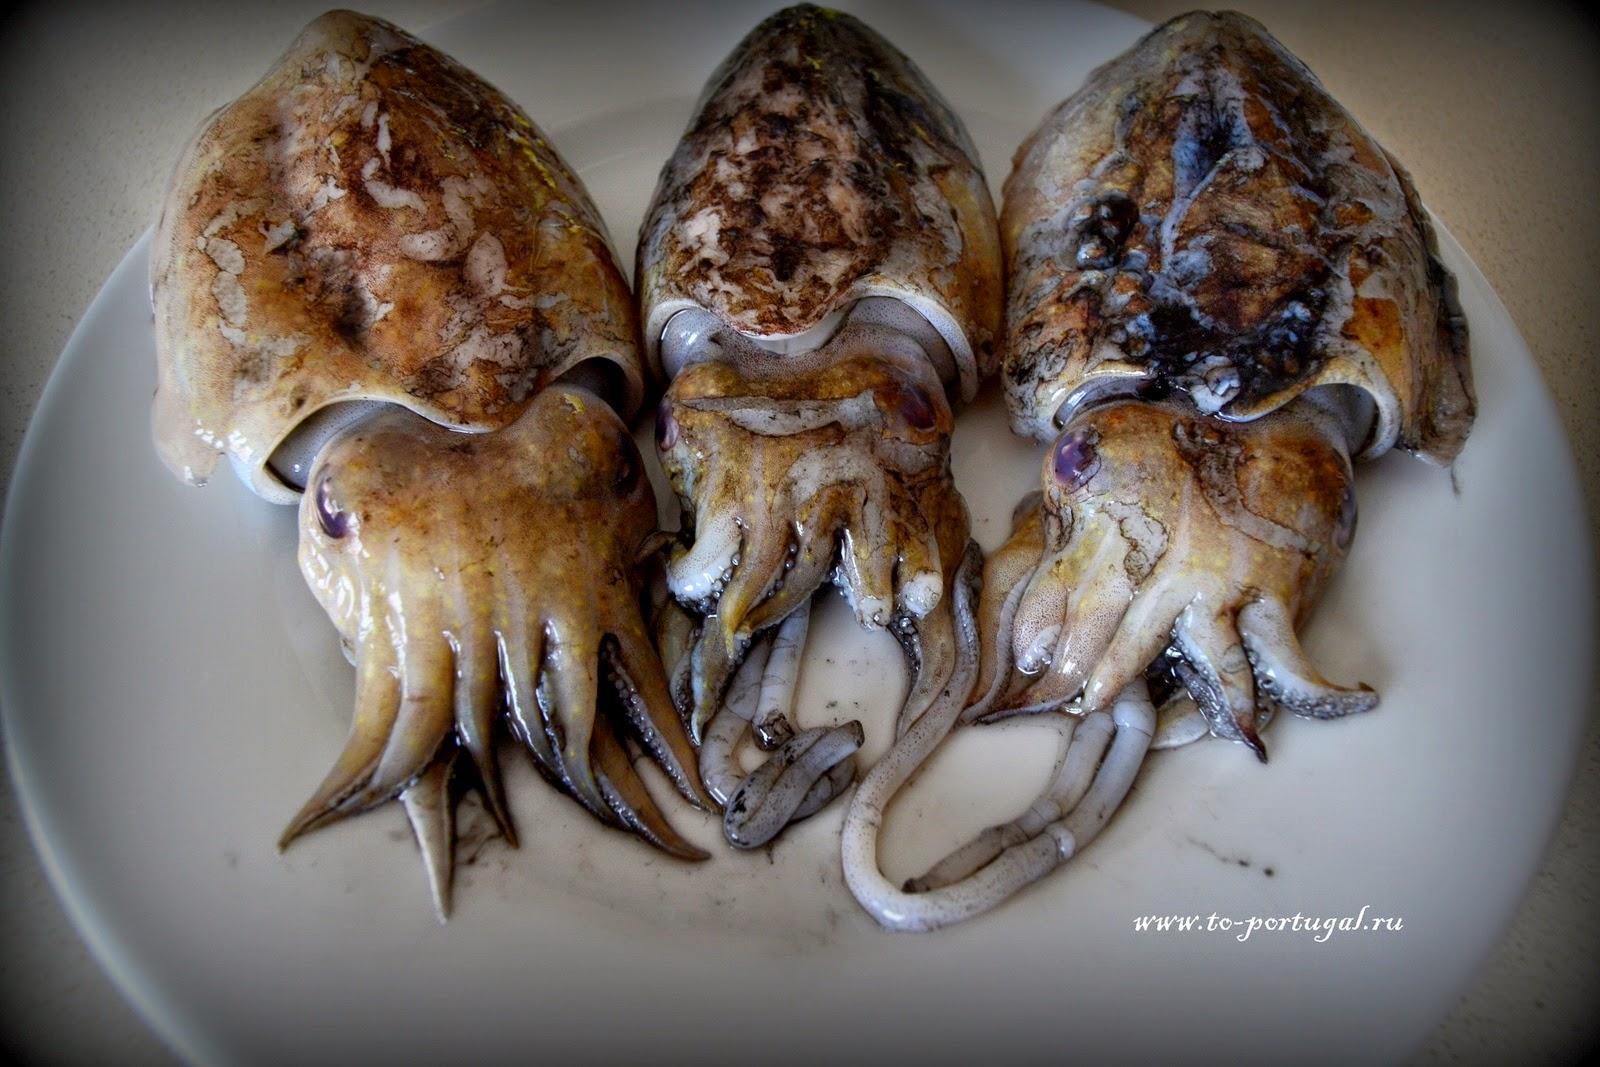 португальская кухня каракатица